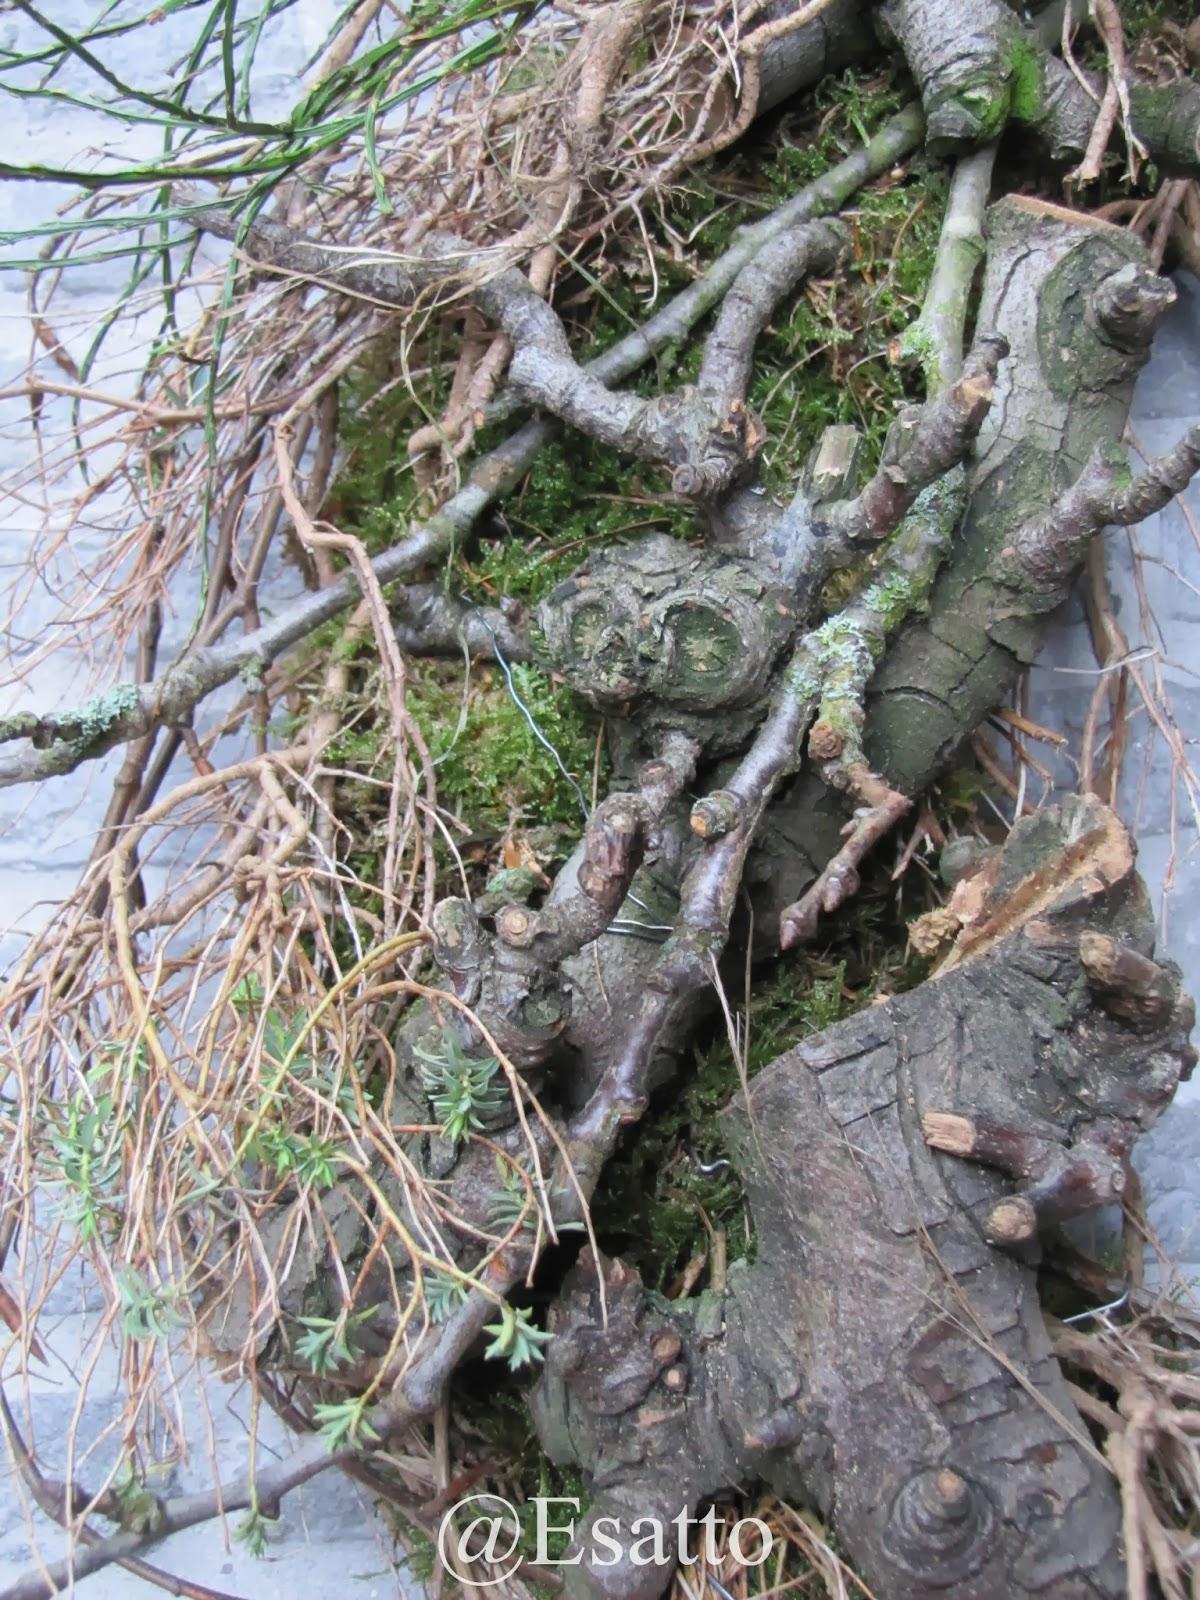 Esatto by ravensbergen: bijna voorjaar...!